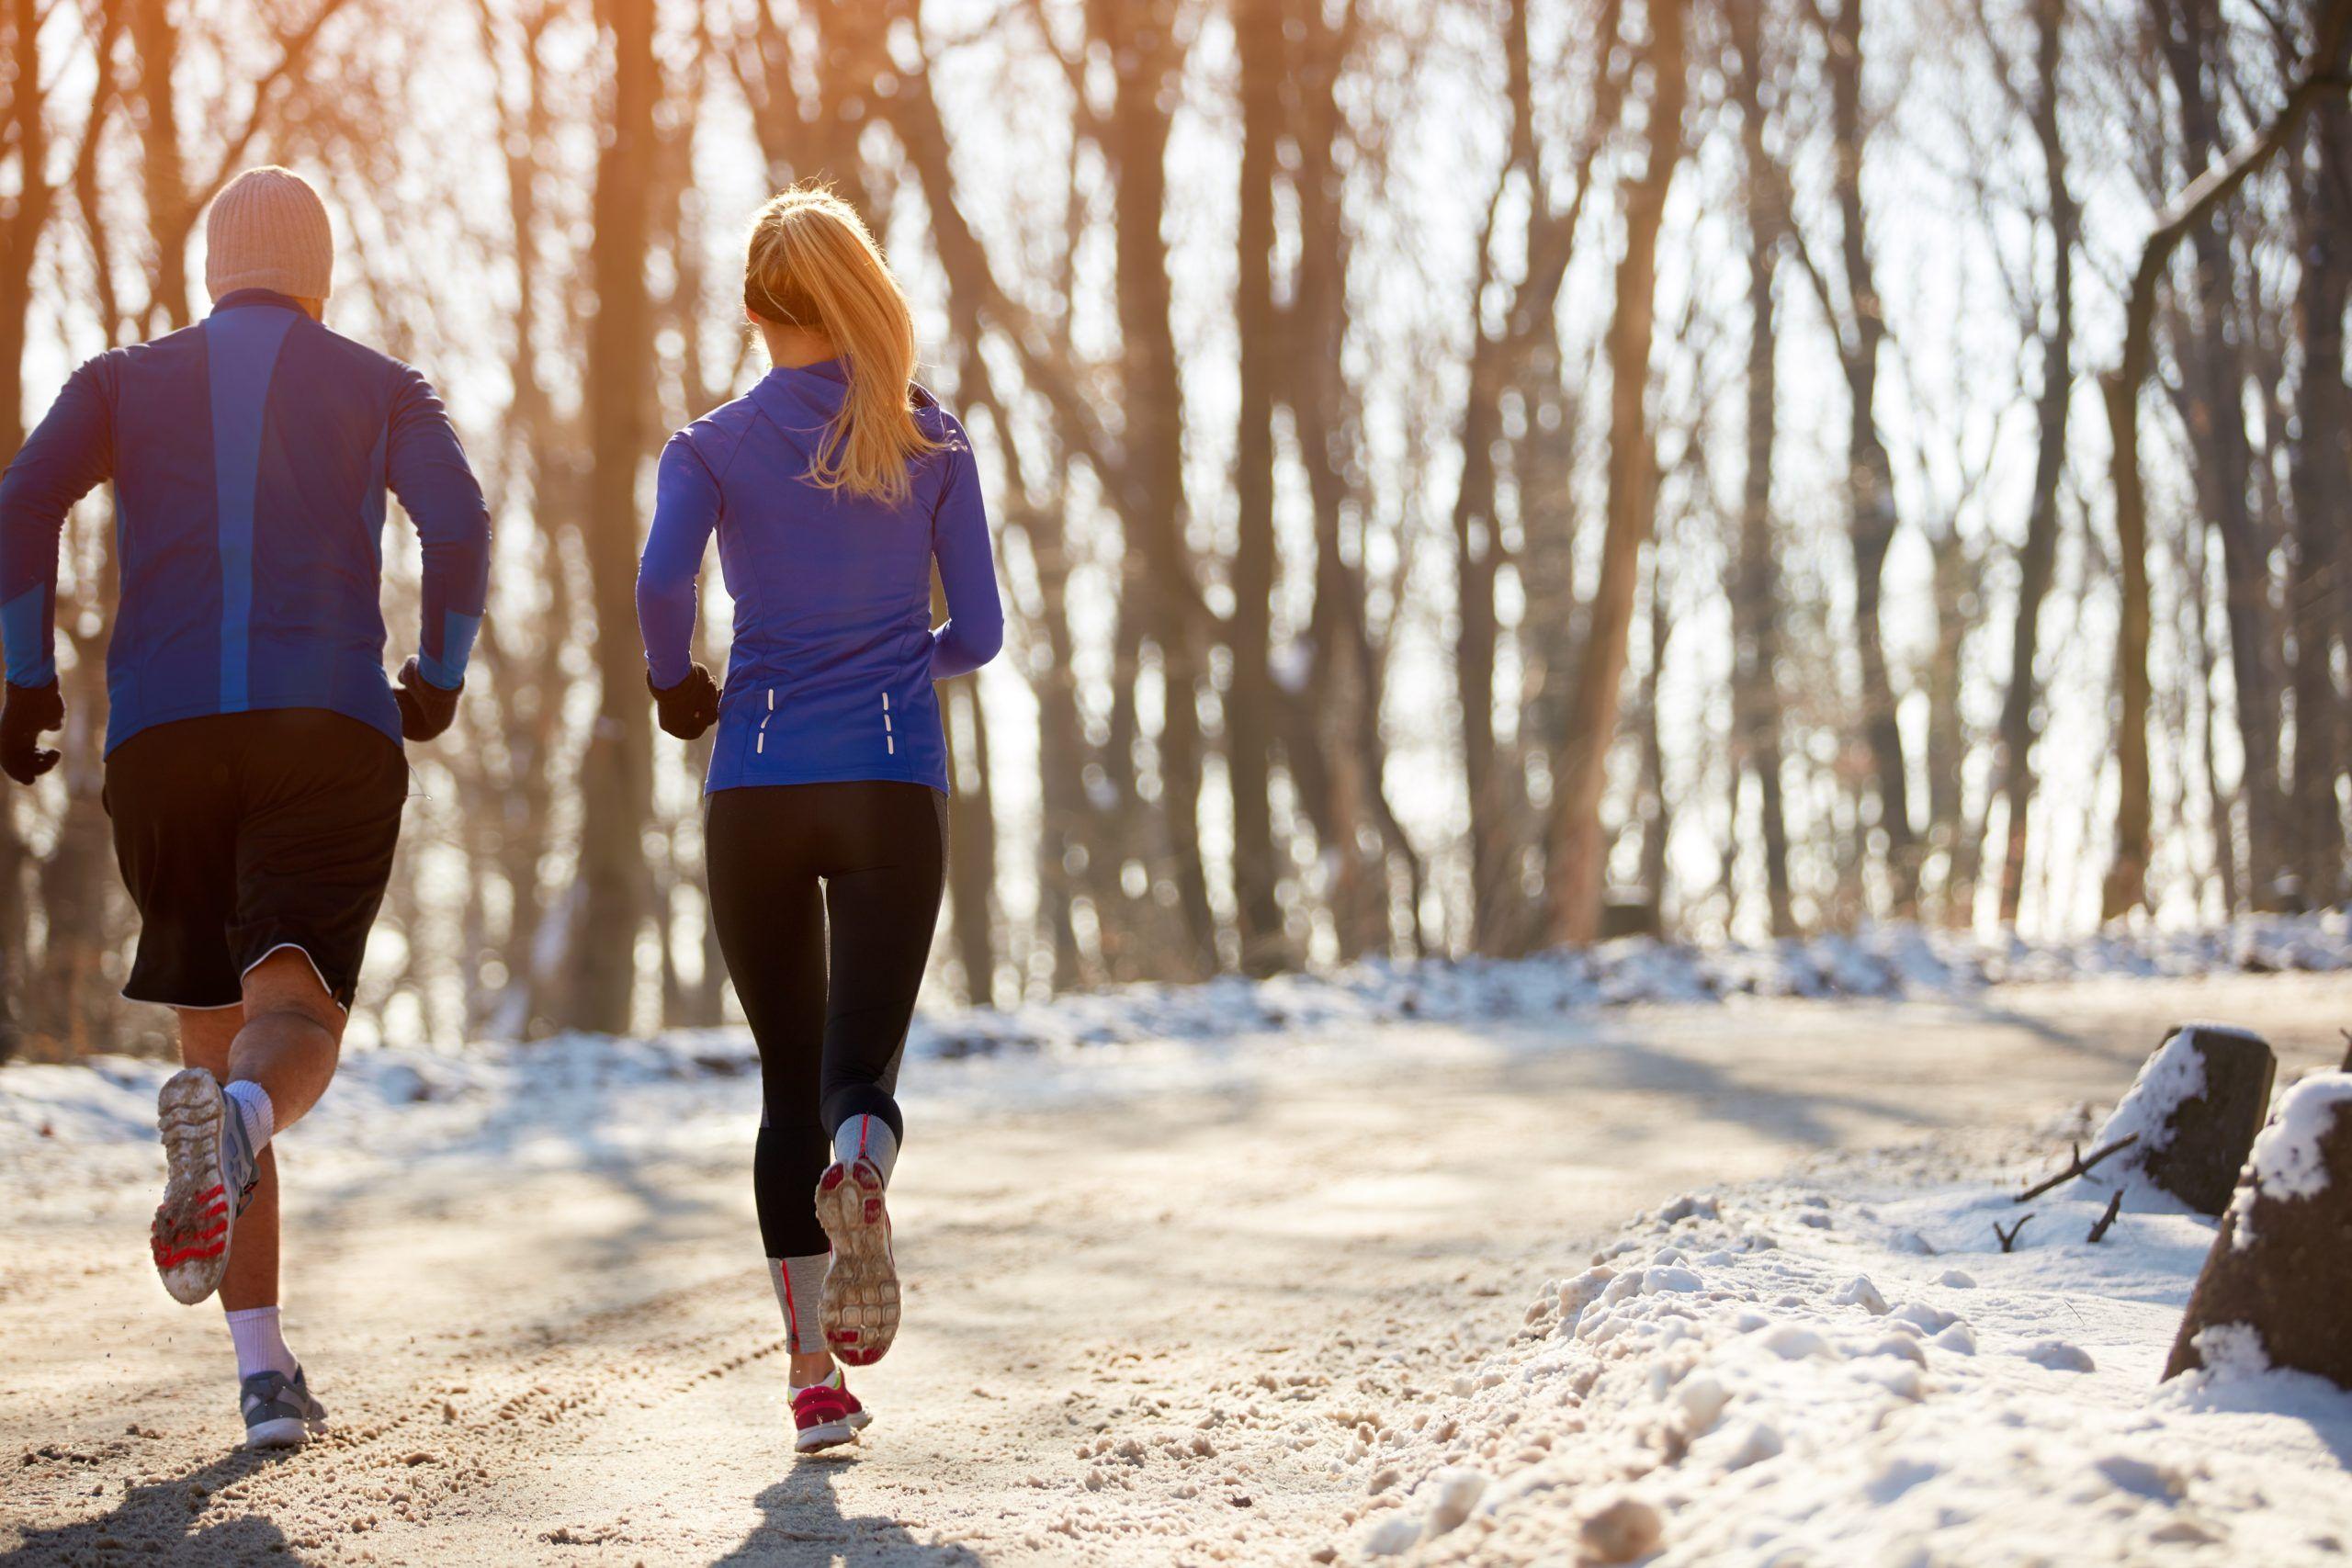 Sentirsi bene: cambiare abitudini in vista del nuovo anno